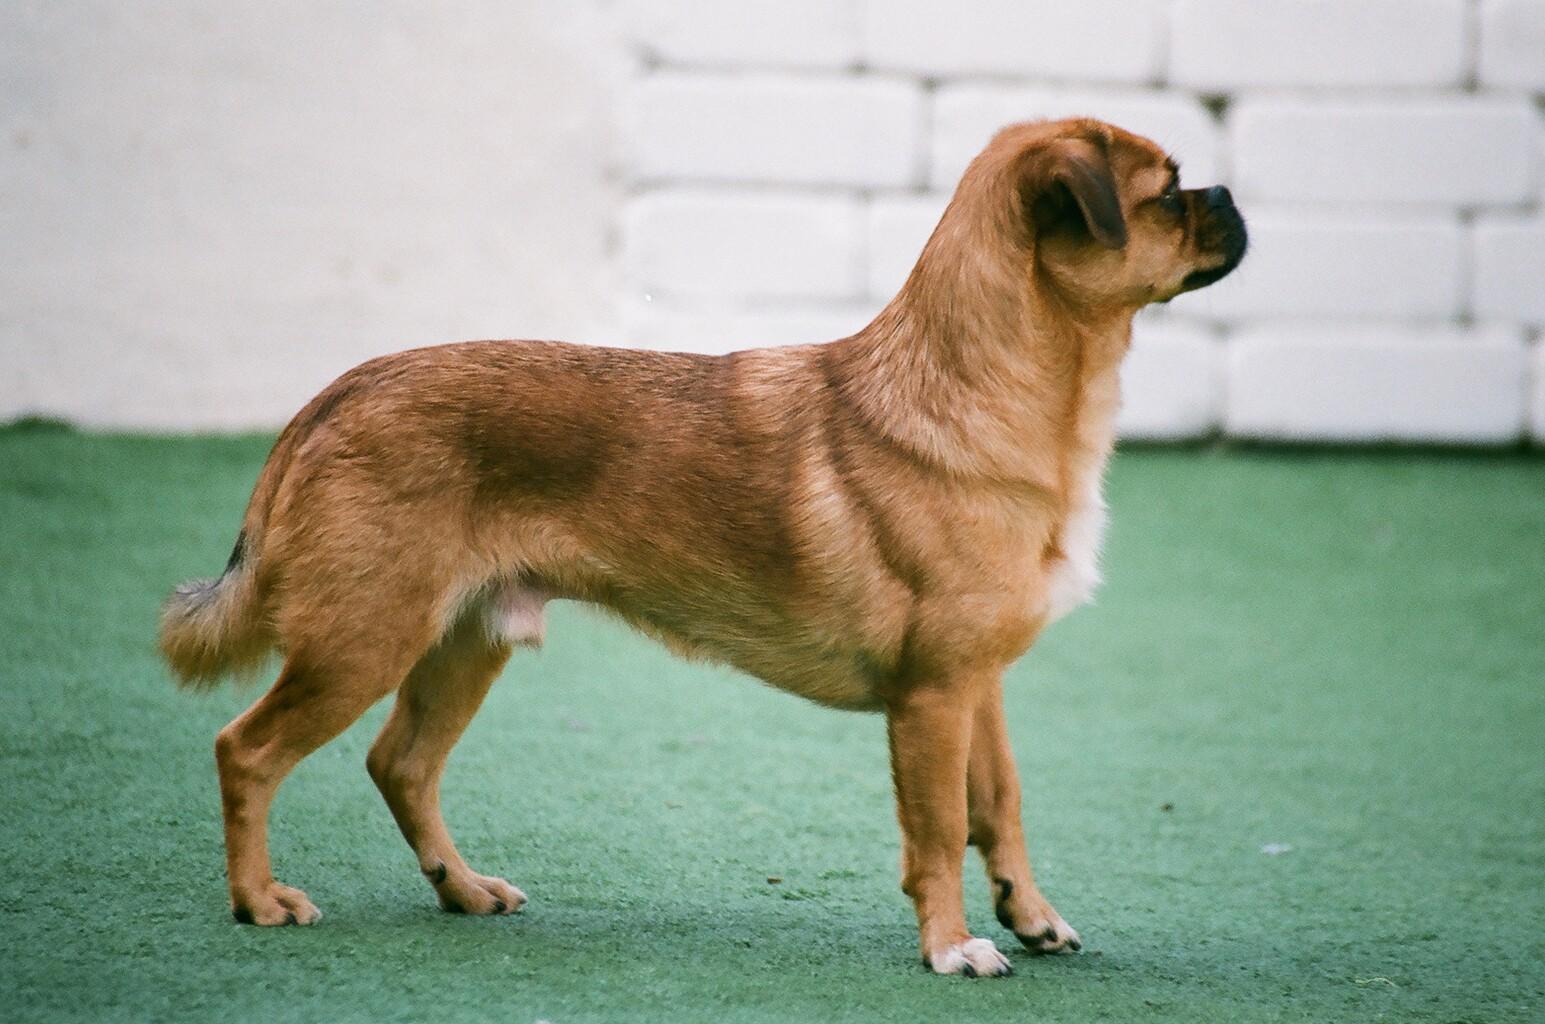 Dog on Alert